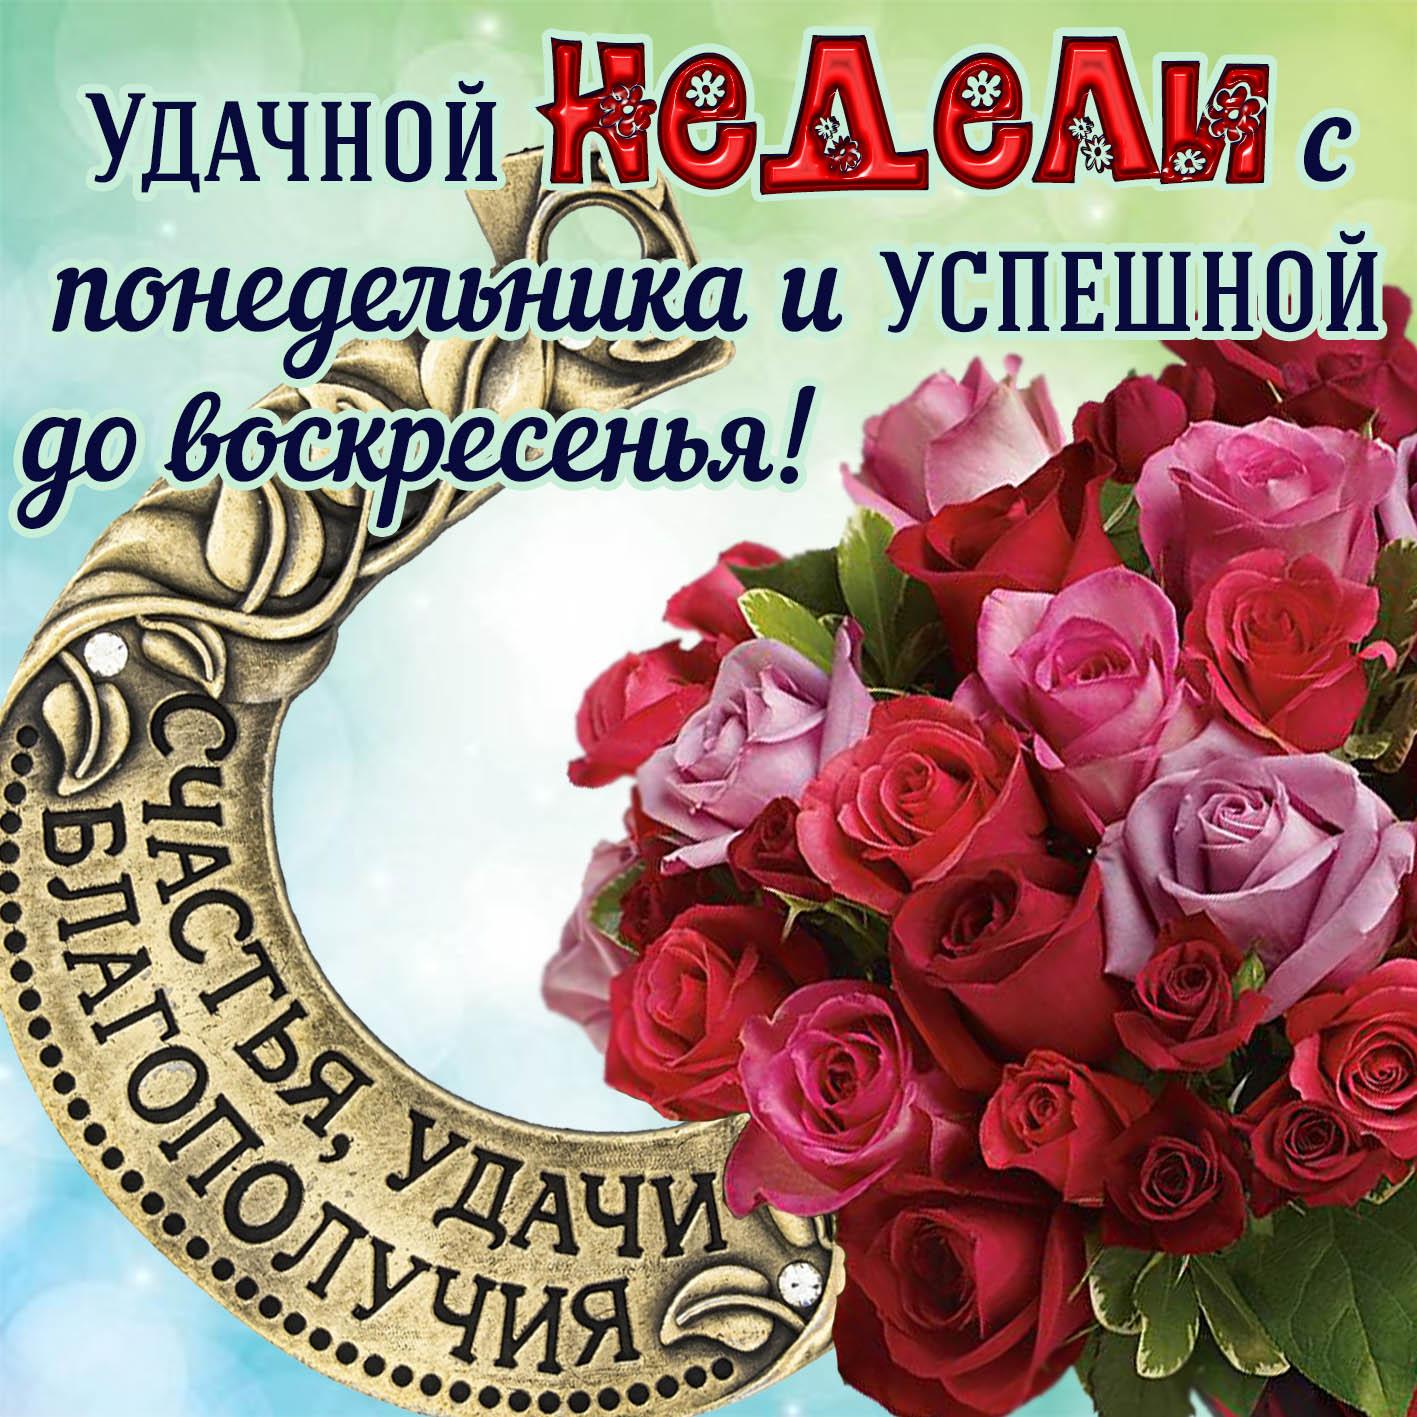 внимание открытки с пожеланиями счастливого понедельника оно особые заслуги